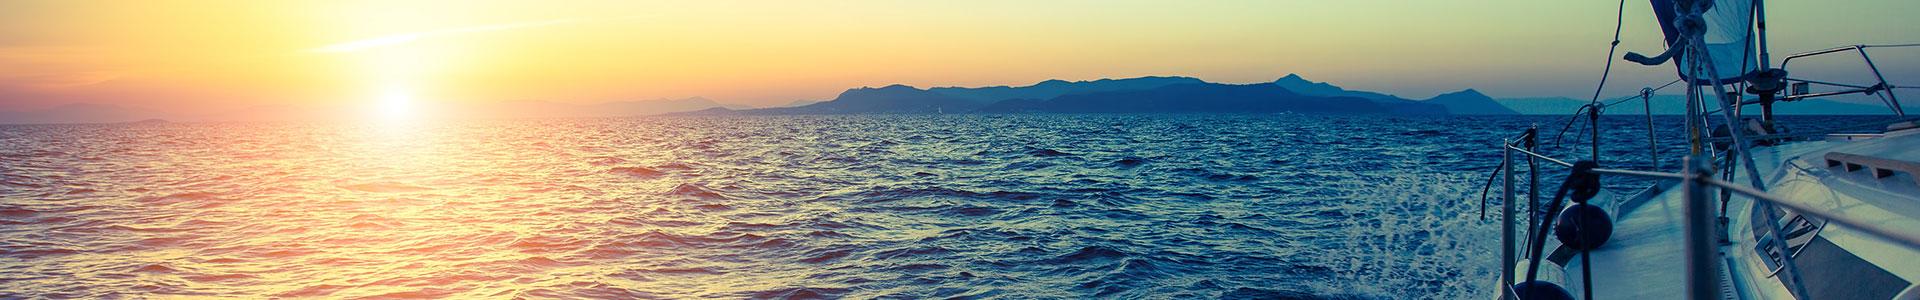 boat sailing at dusk